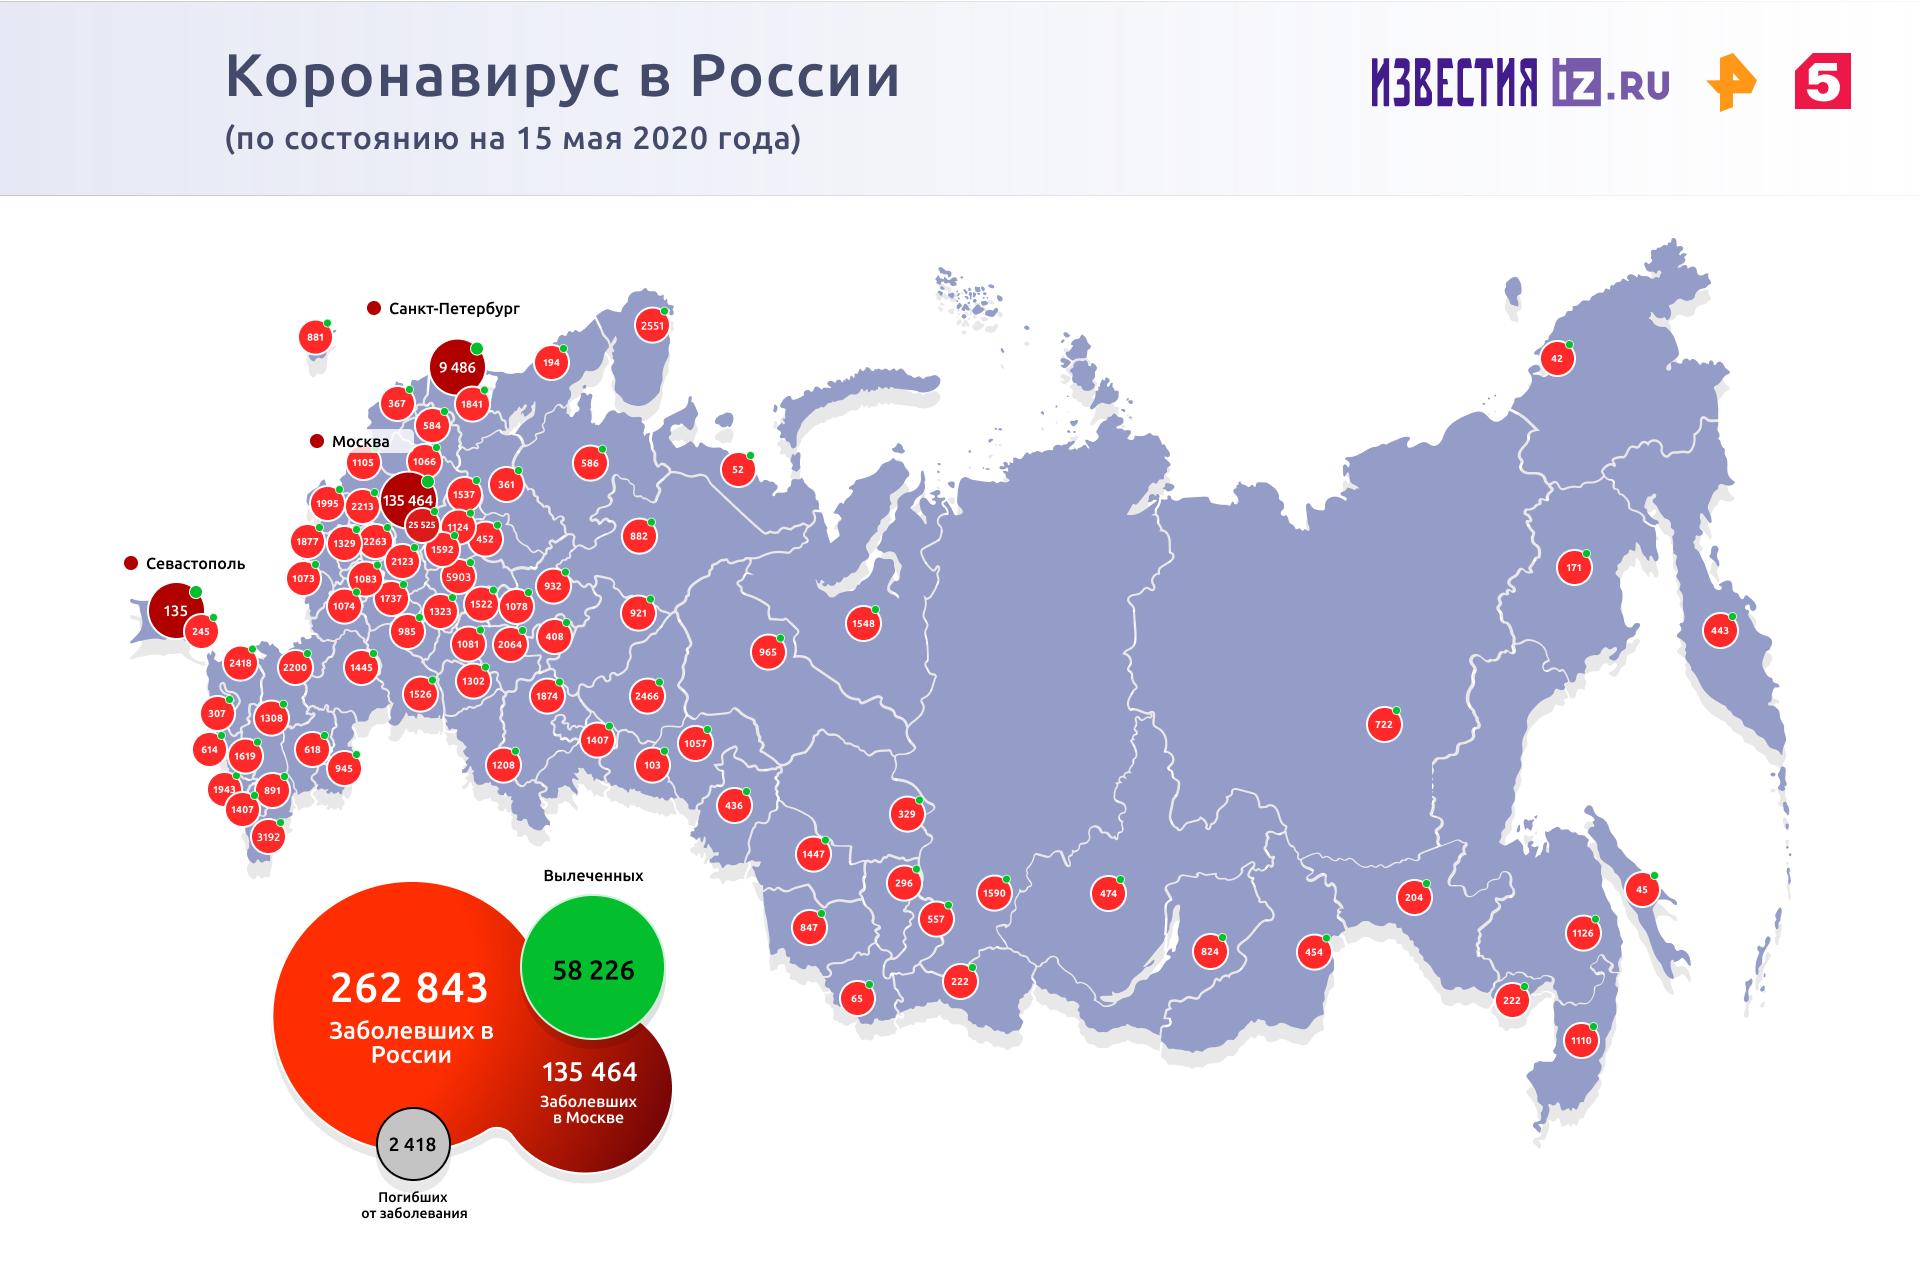 Воробьёв назвал число ежедневно госпитализируемых с COVID-19 в Подмосковье